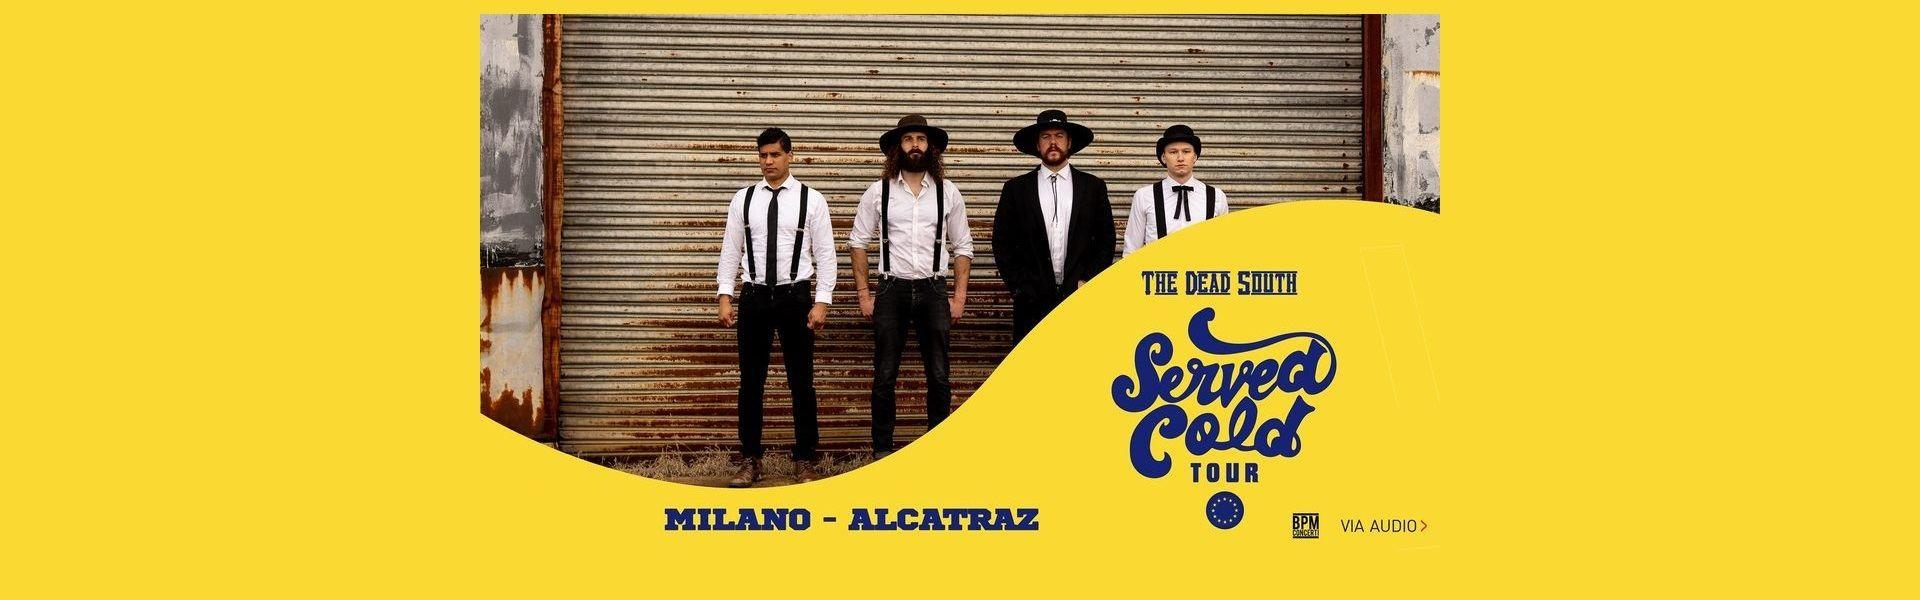 The Dead South concerto Alcatraz Milano 16-04-2022 tickets Biglietti | Mailticket